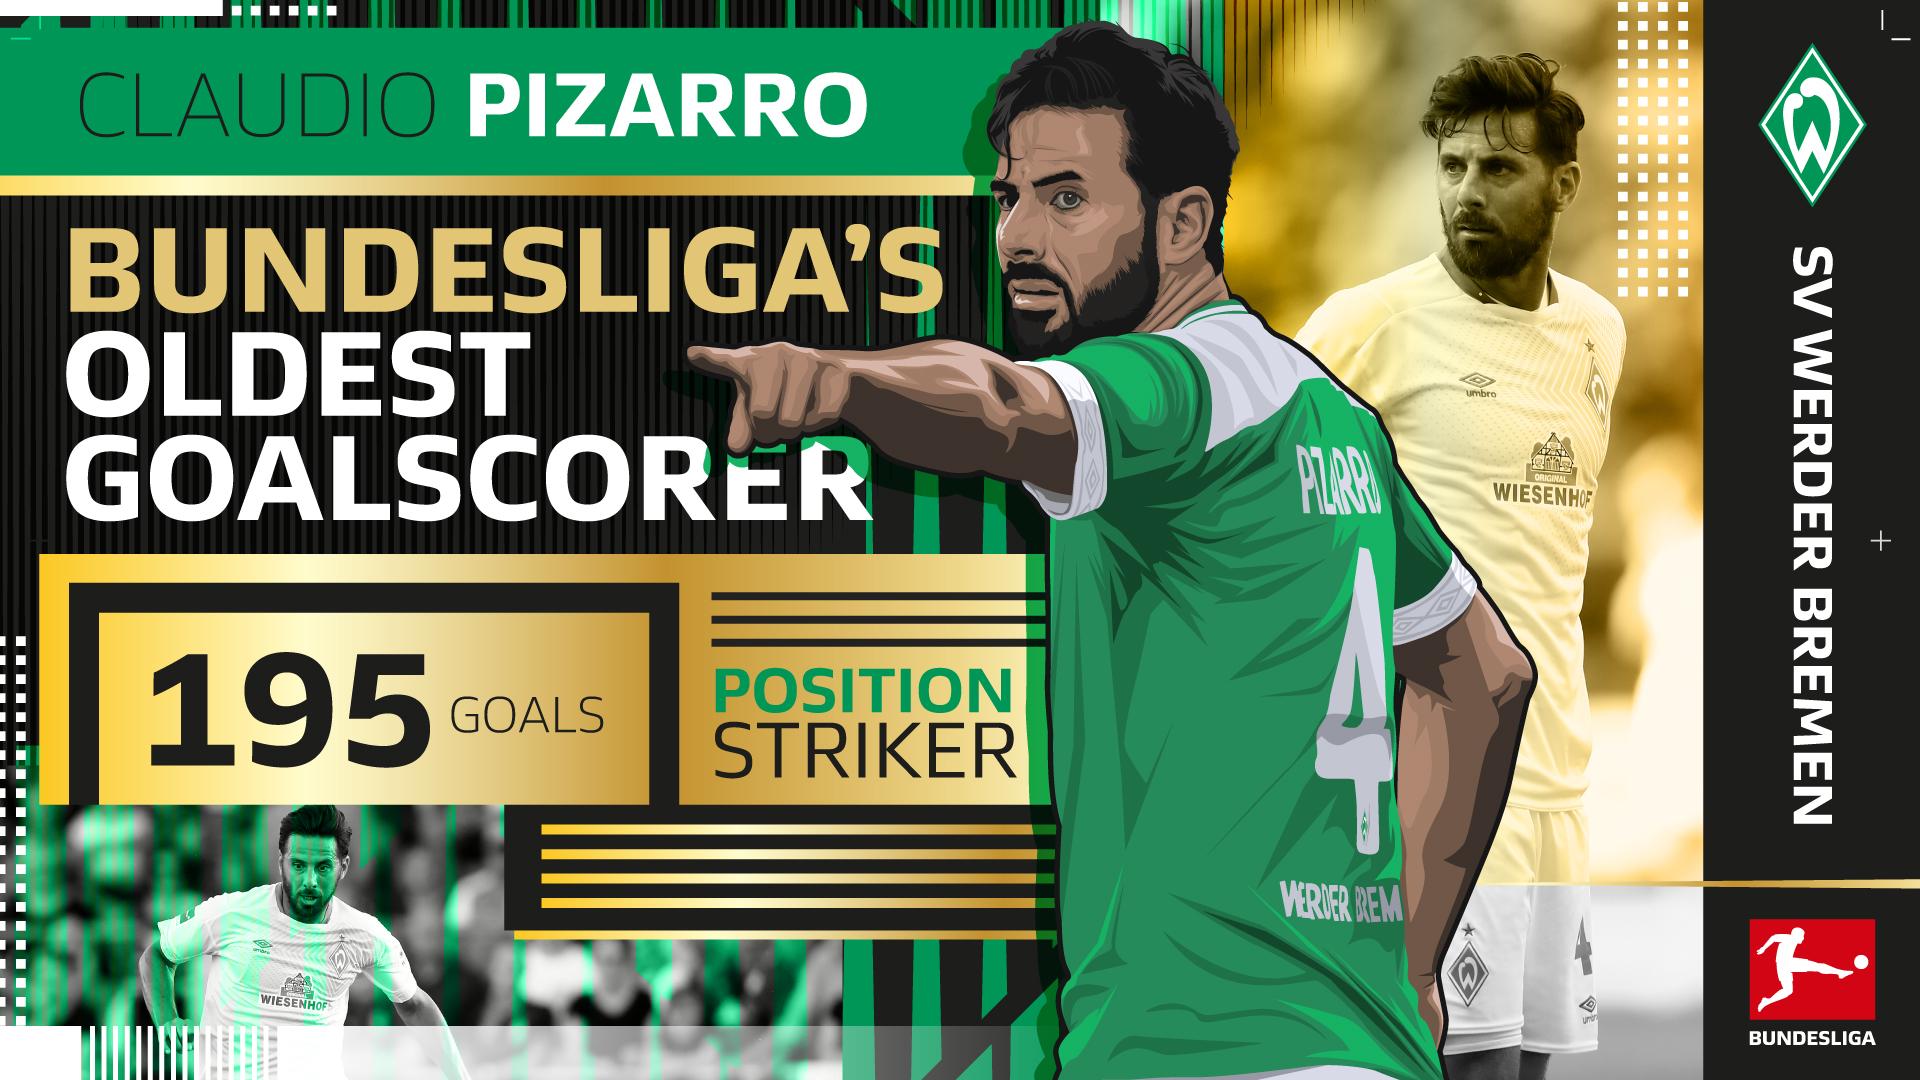 Pizarro-stats-1920x1080